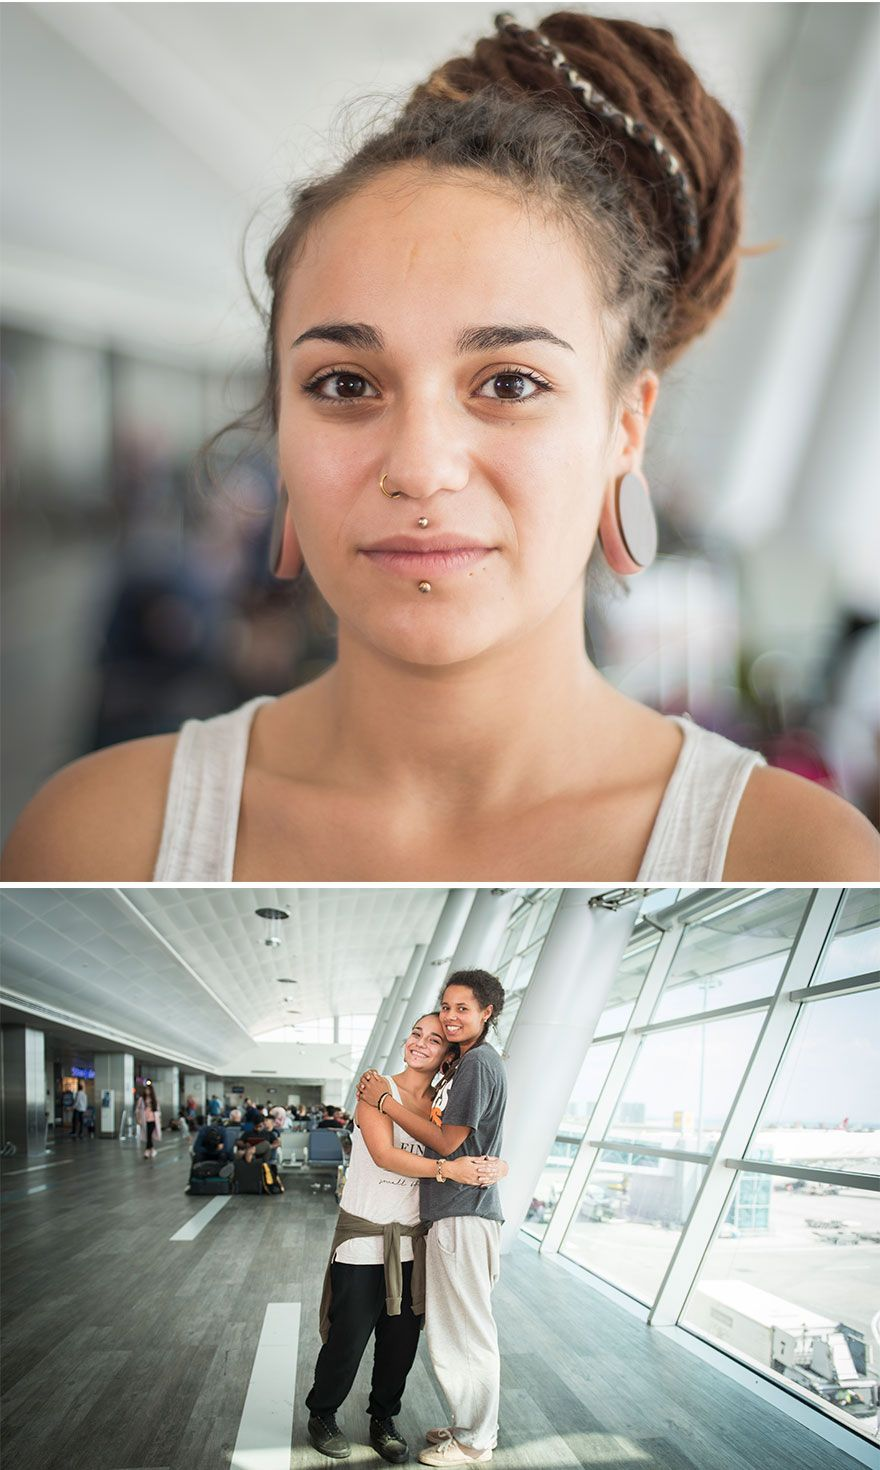 Je travaille à l'aéroport et photographie des personnes uniques du monde entier (44 photos)